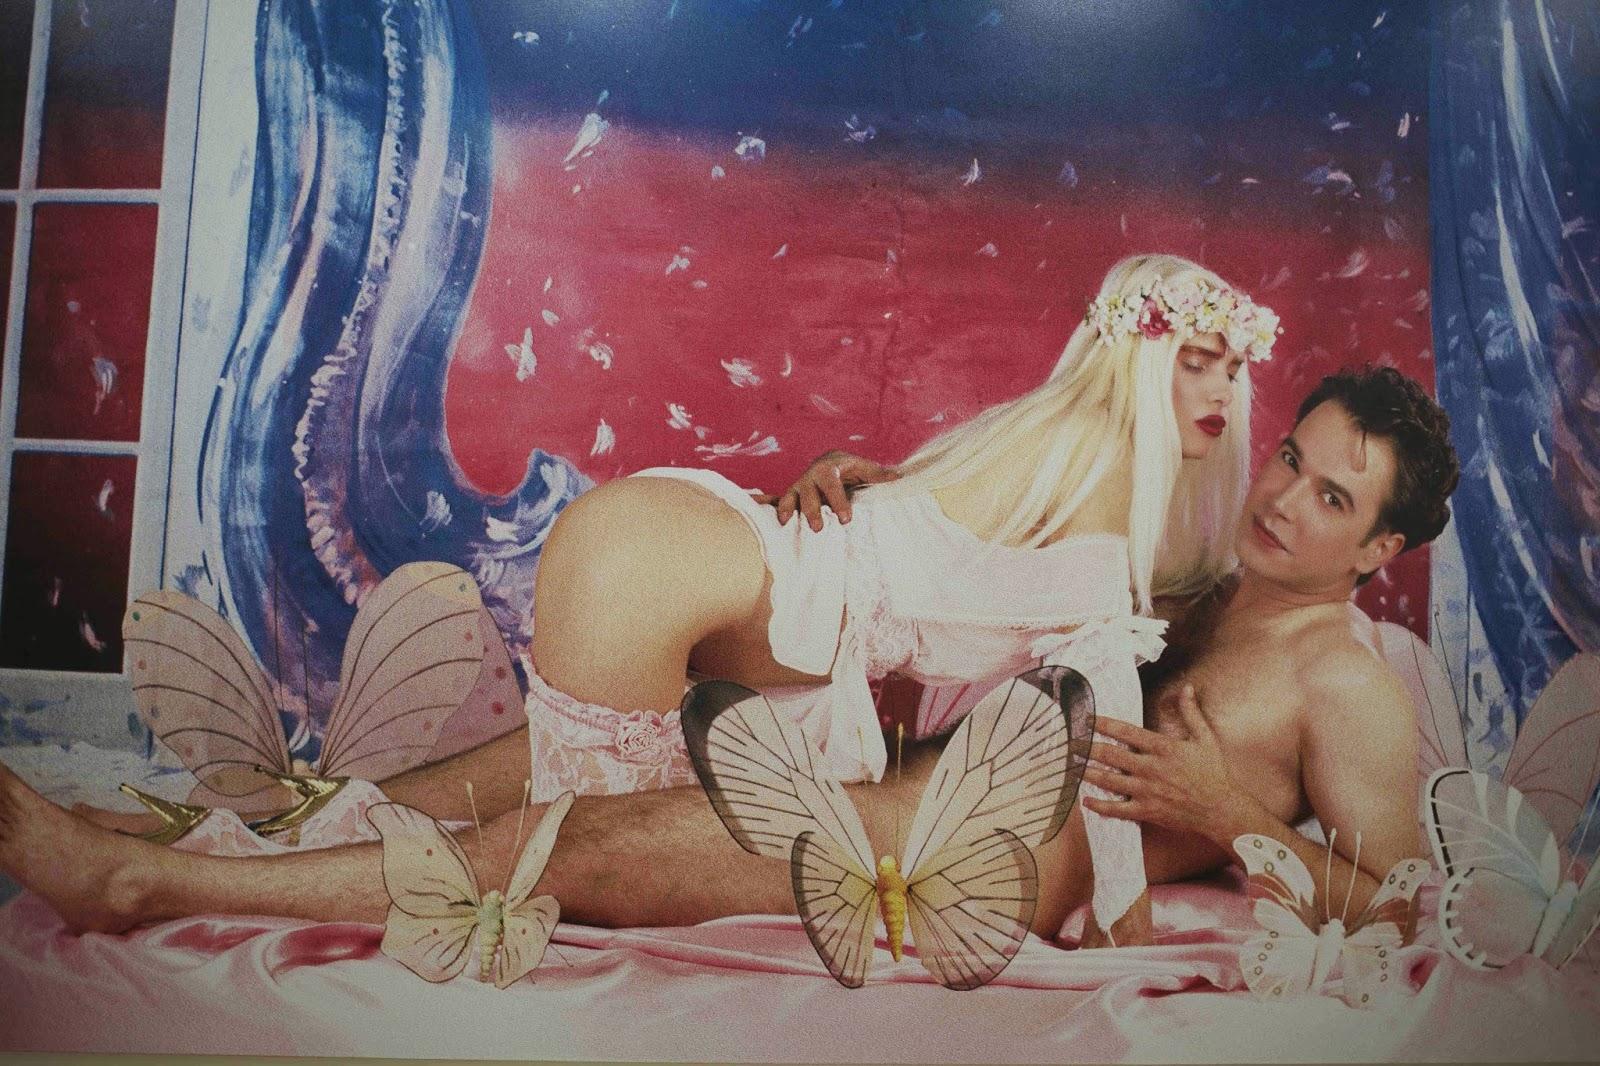 Порно в бабшка бстре одежде